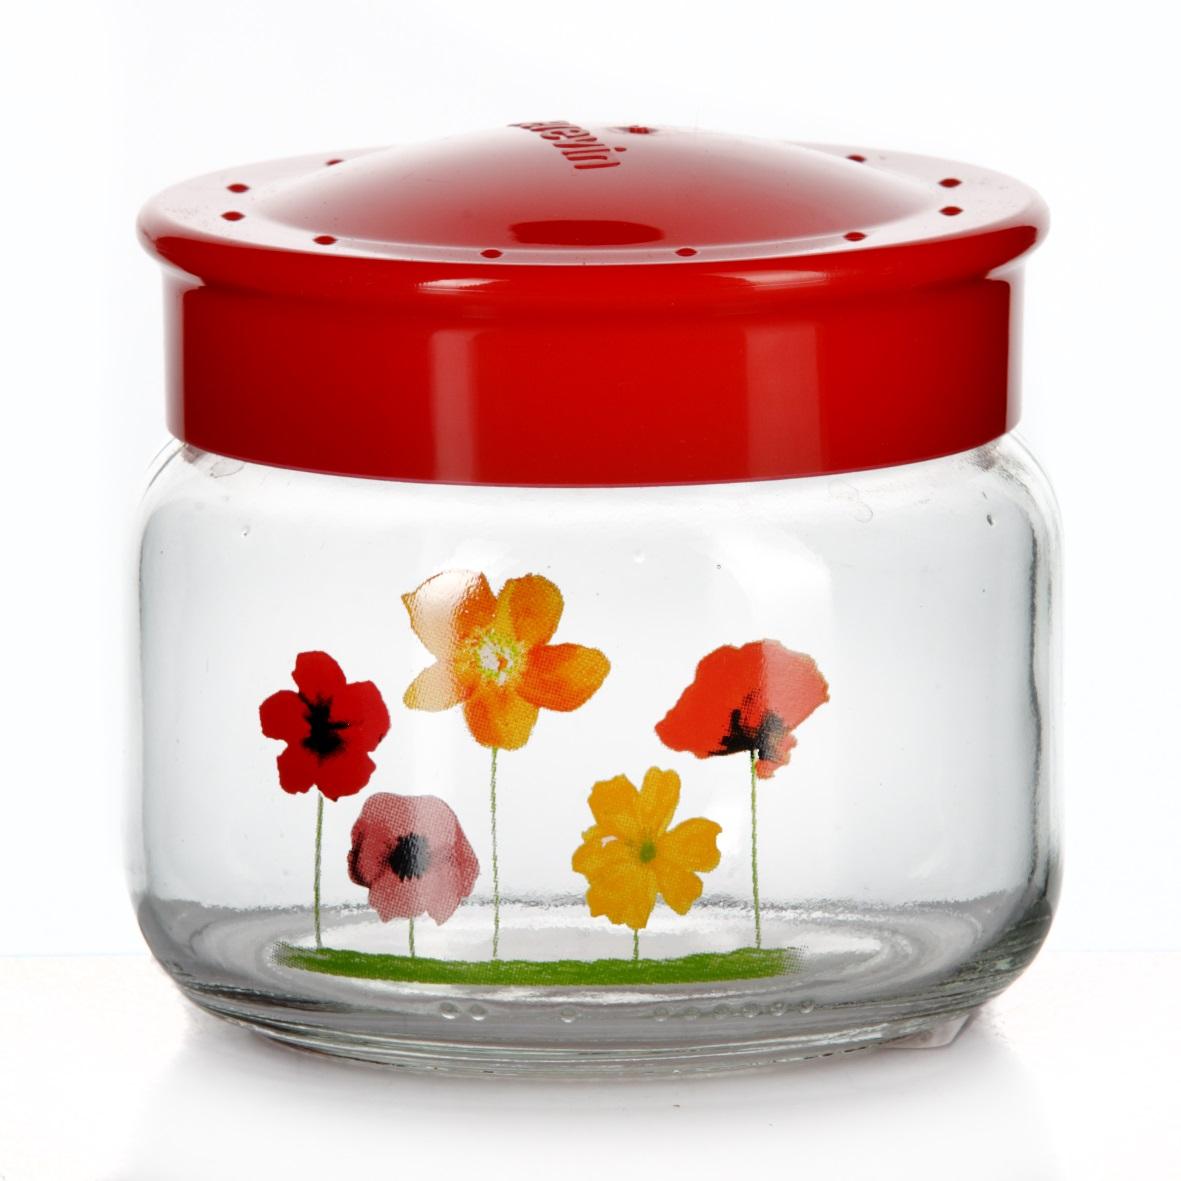 Банка для сыпучих продуктов Herevin, цвет: красный, 400 мл. 171016-000171011-000Банка для сыпучих продуктов Herevin, изготовленная из прочного стекла, декорирована изображением цветов. Банка оснащена плотно закрывающейся пластиковой крышкой. Благодаря этому внутри сохраняется герметичность, и продукты дольше остаются свежими. Изделие предназначено для хранения различных сыпучих продуктов: круп, чая, сахара, орехов и т.д. Функциональная и вместительная, такая банка станет незаменимым аксессуаром на любой кухне. Можно мыть в посудомоечной машине. Пластиковые части рекомендуется мыть вручную.Объем: 400 мл.Диаметр (по верхнему краю): 7,5 см.Высота банки (без учета крышки): 8 см.